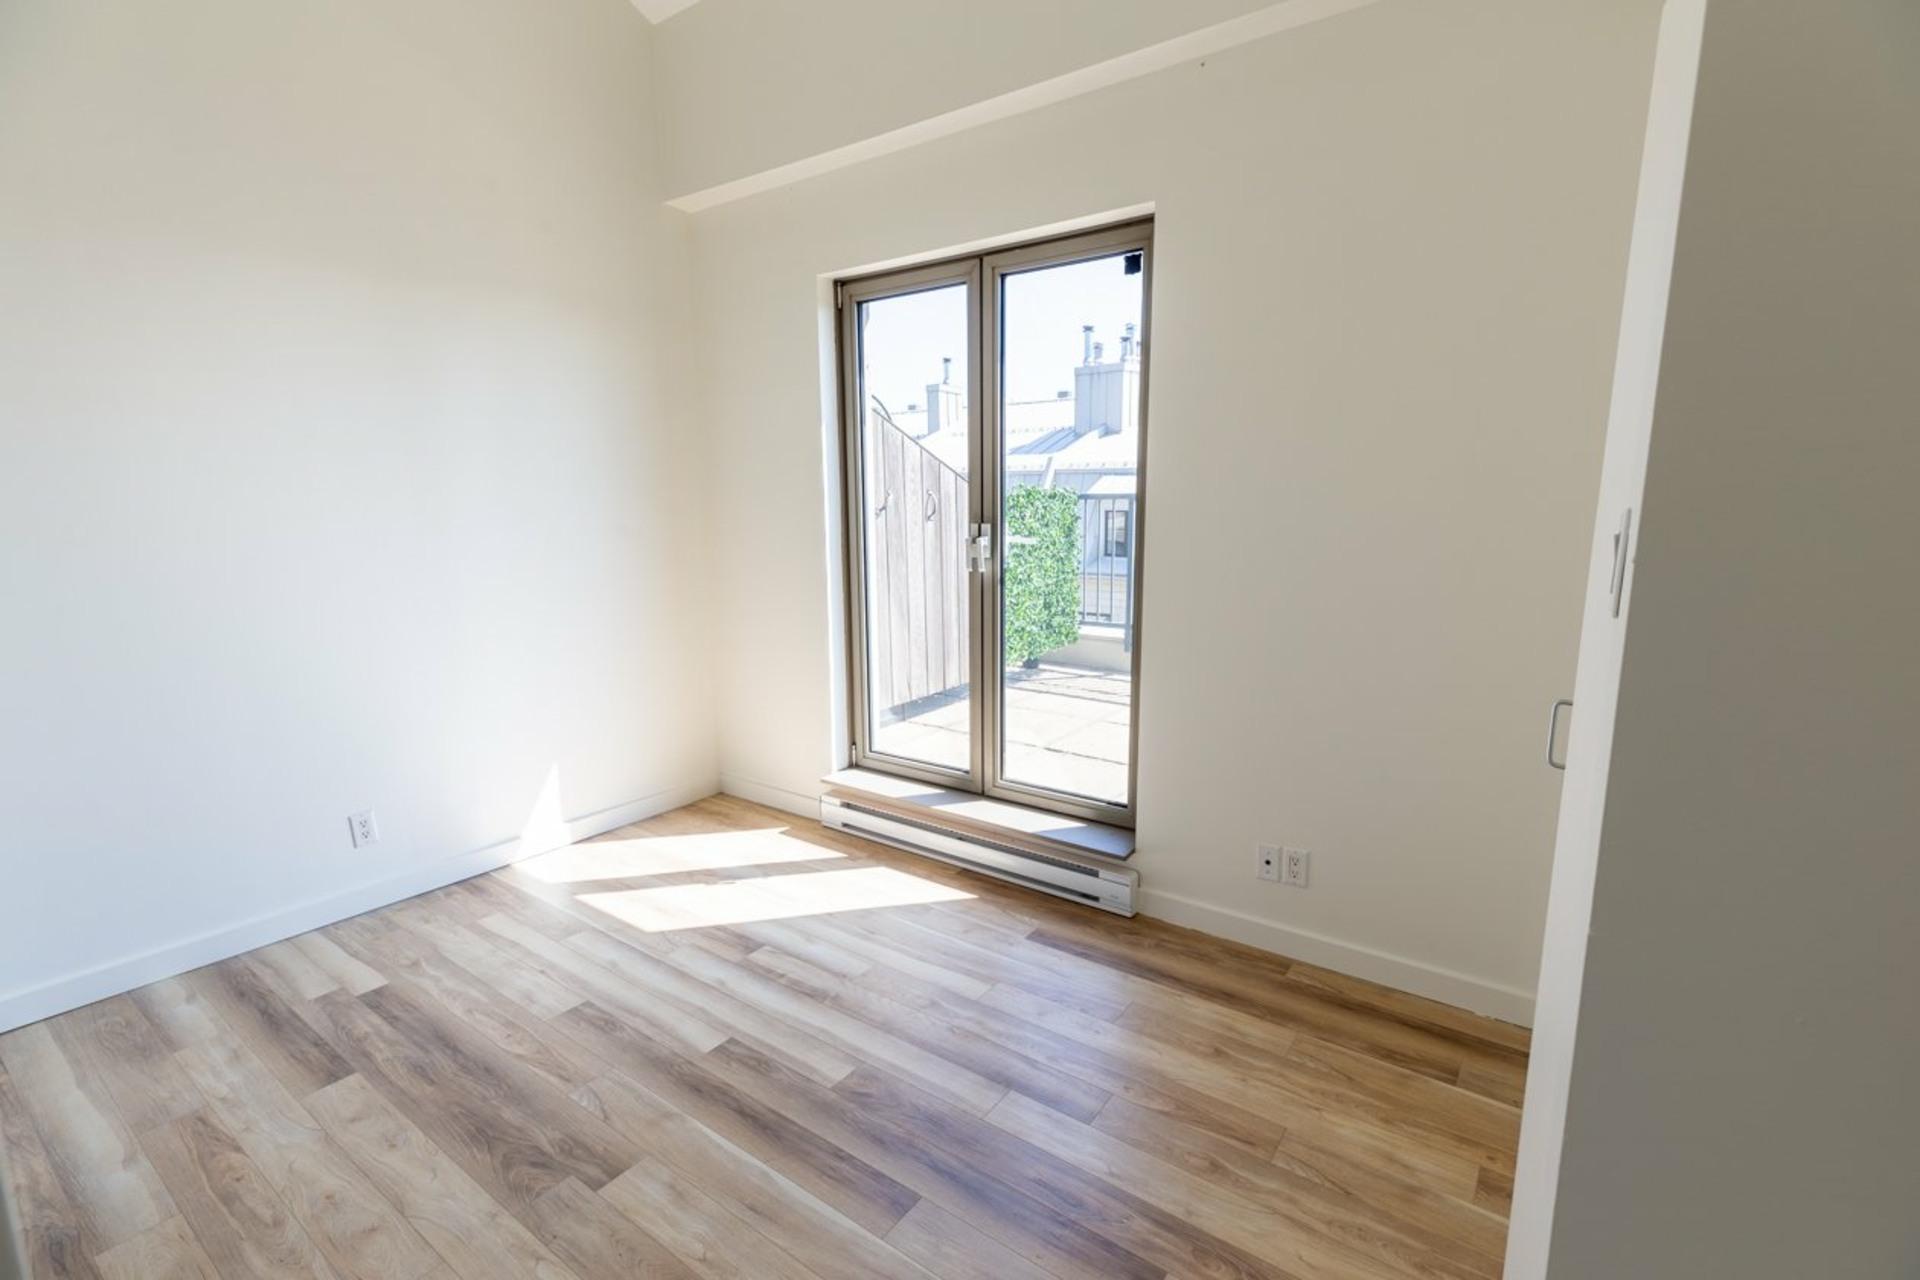 image 9 - Appartement À louer Ville-Marie Montréal  - 4 pièces